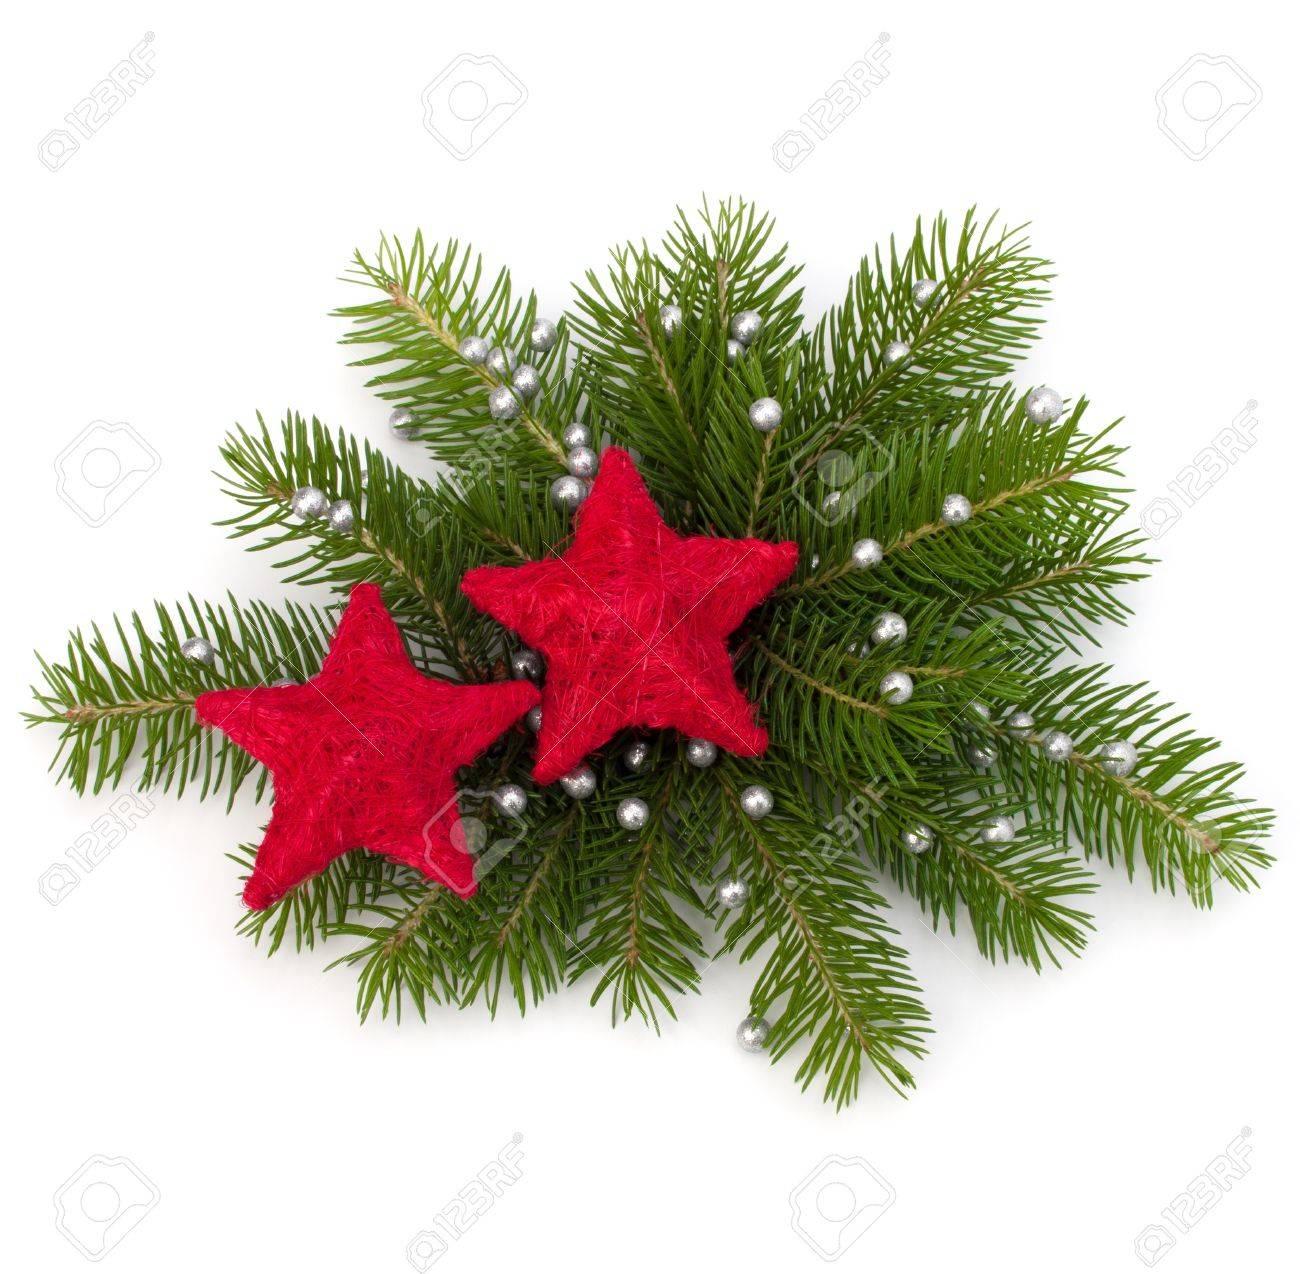 Christmas decoration isolated on white background Stock Photo - 11447726